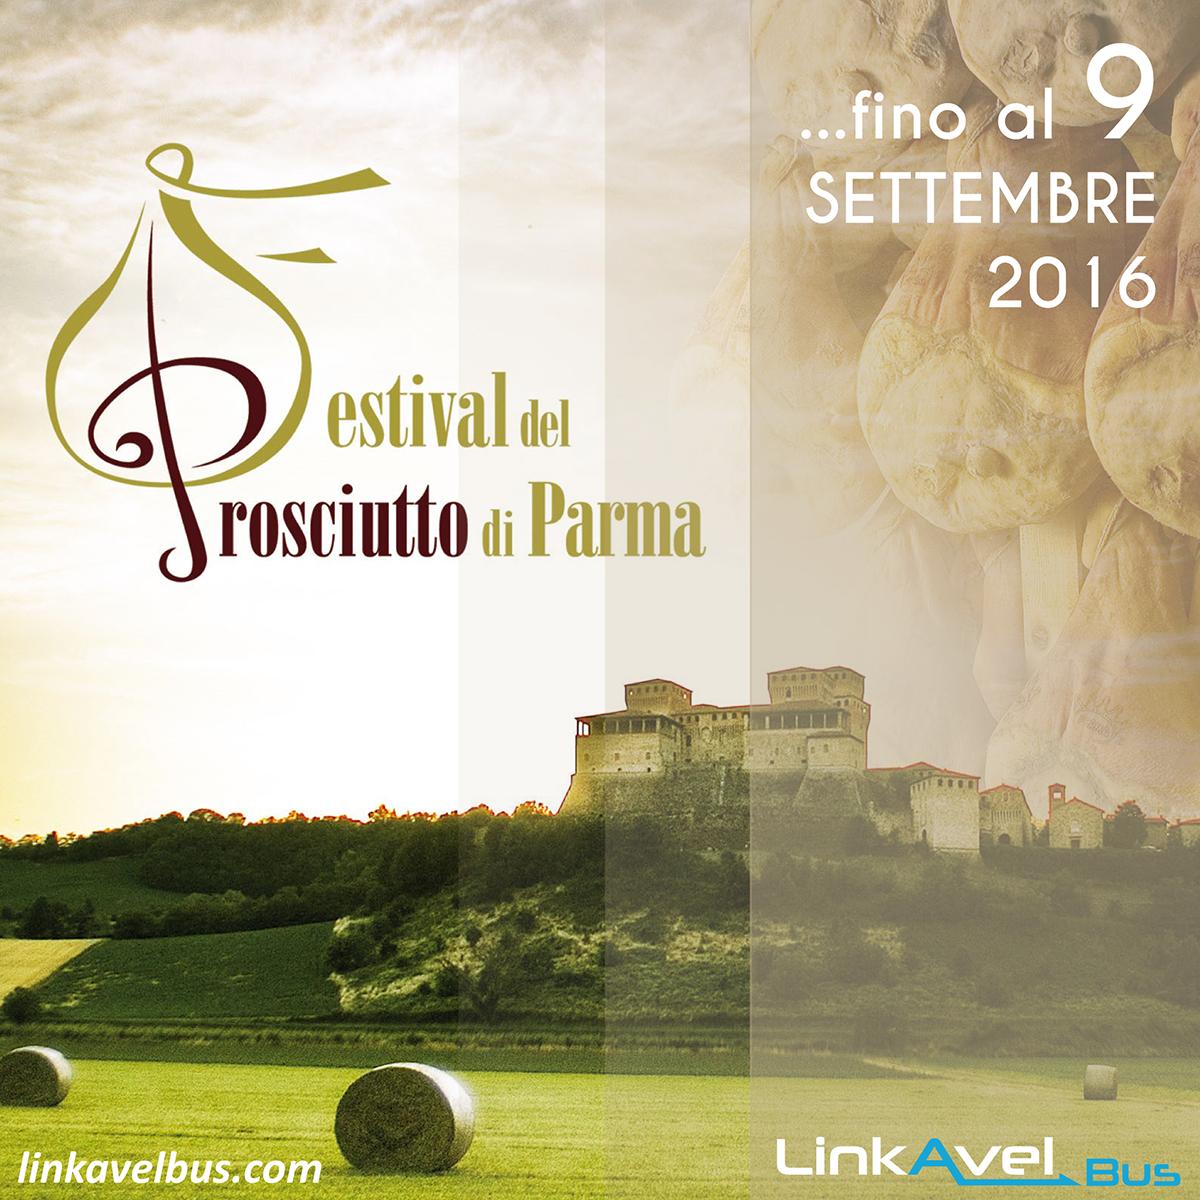 Festival del Prosciutto, Parma. Viaggio in bus verso Parma. Linkavel